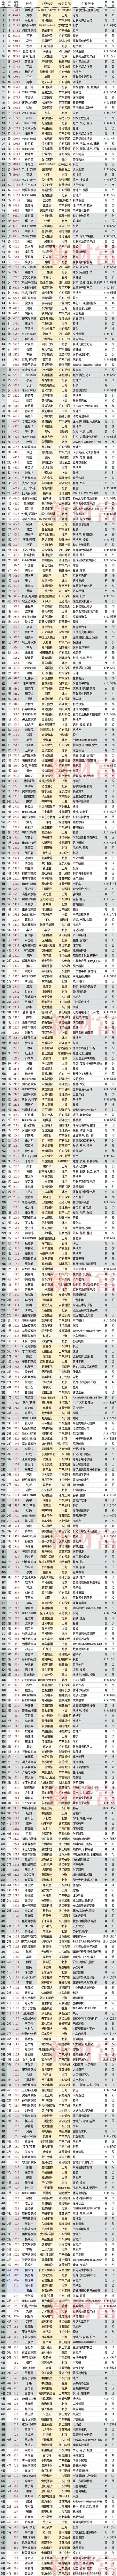 2021新财富500富人榜发布:钟睒睒成为中国首富 拼多多黄征第二